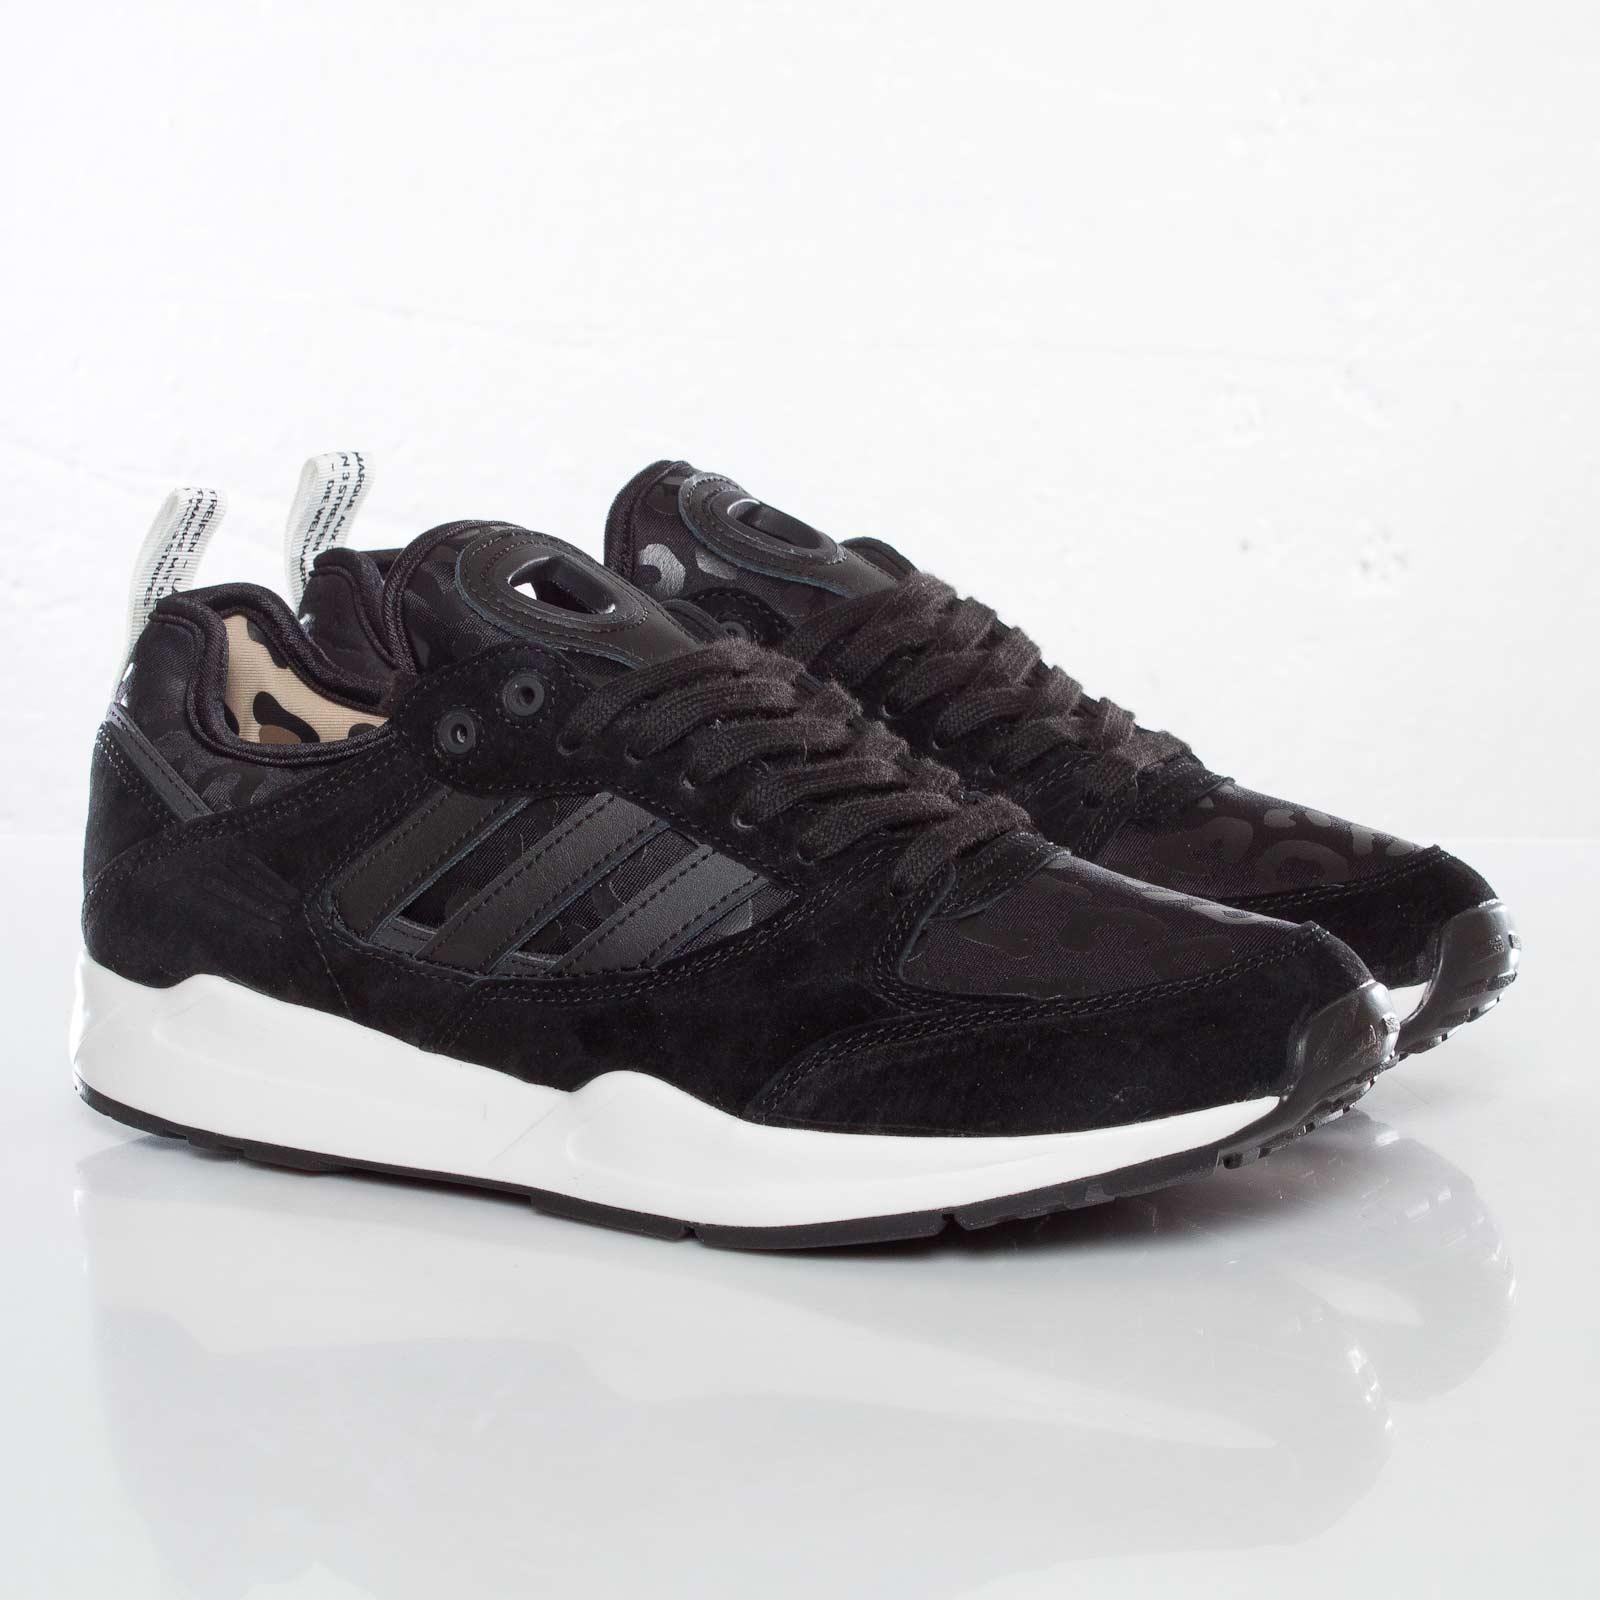 nouvelle arrivee bd6ba e9300 adidas Tech Super 2.0 - G95534 - Sneakersnstuff | sneakers ...